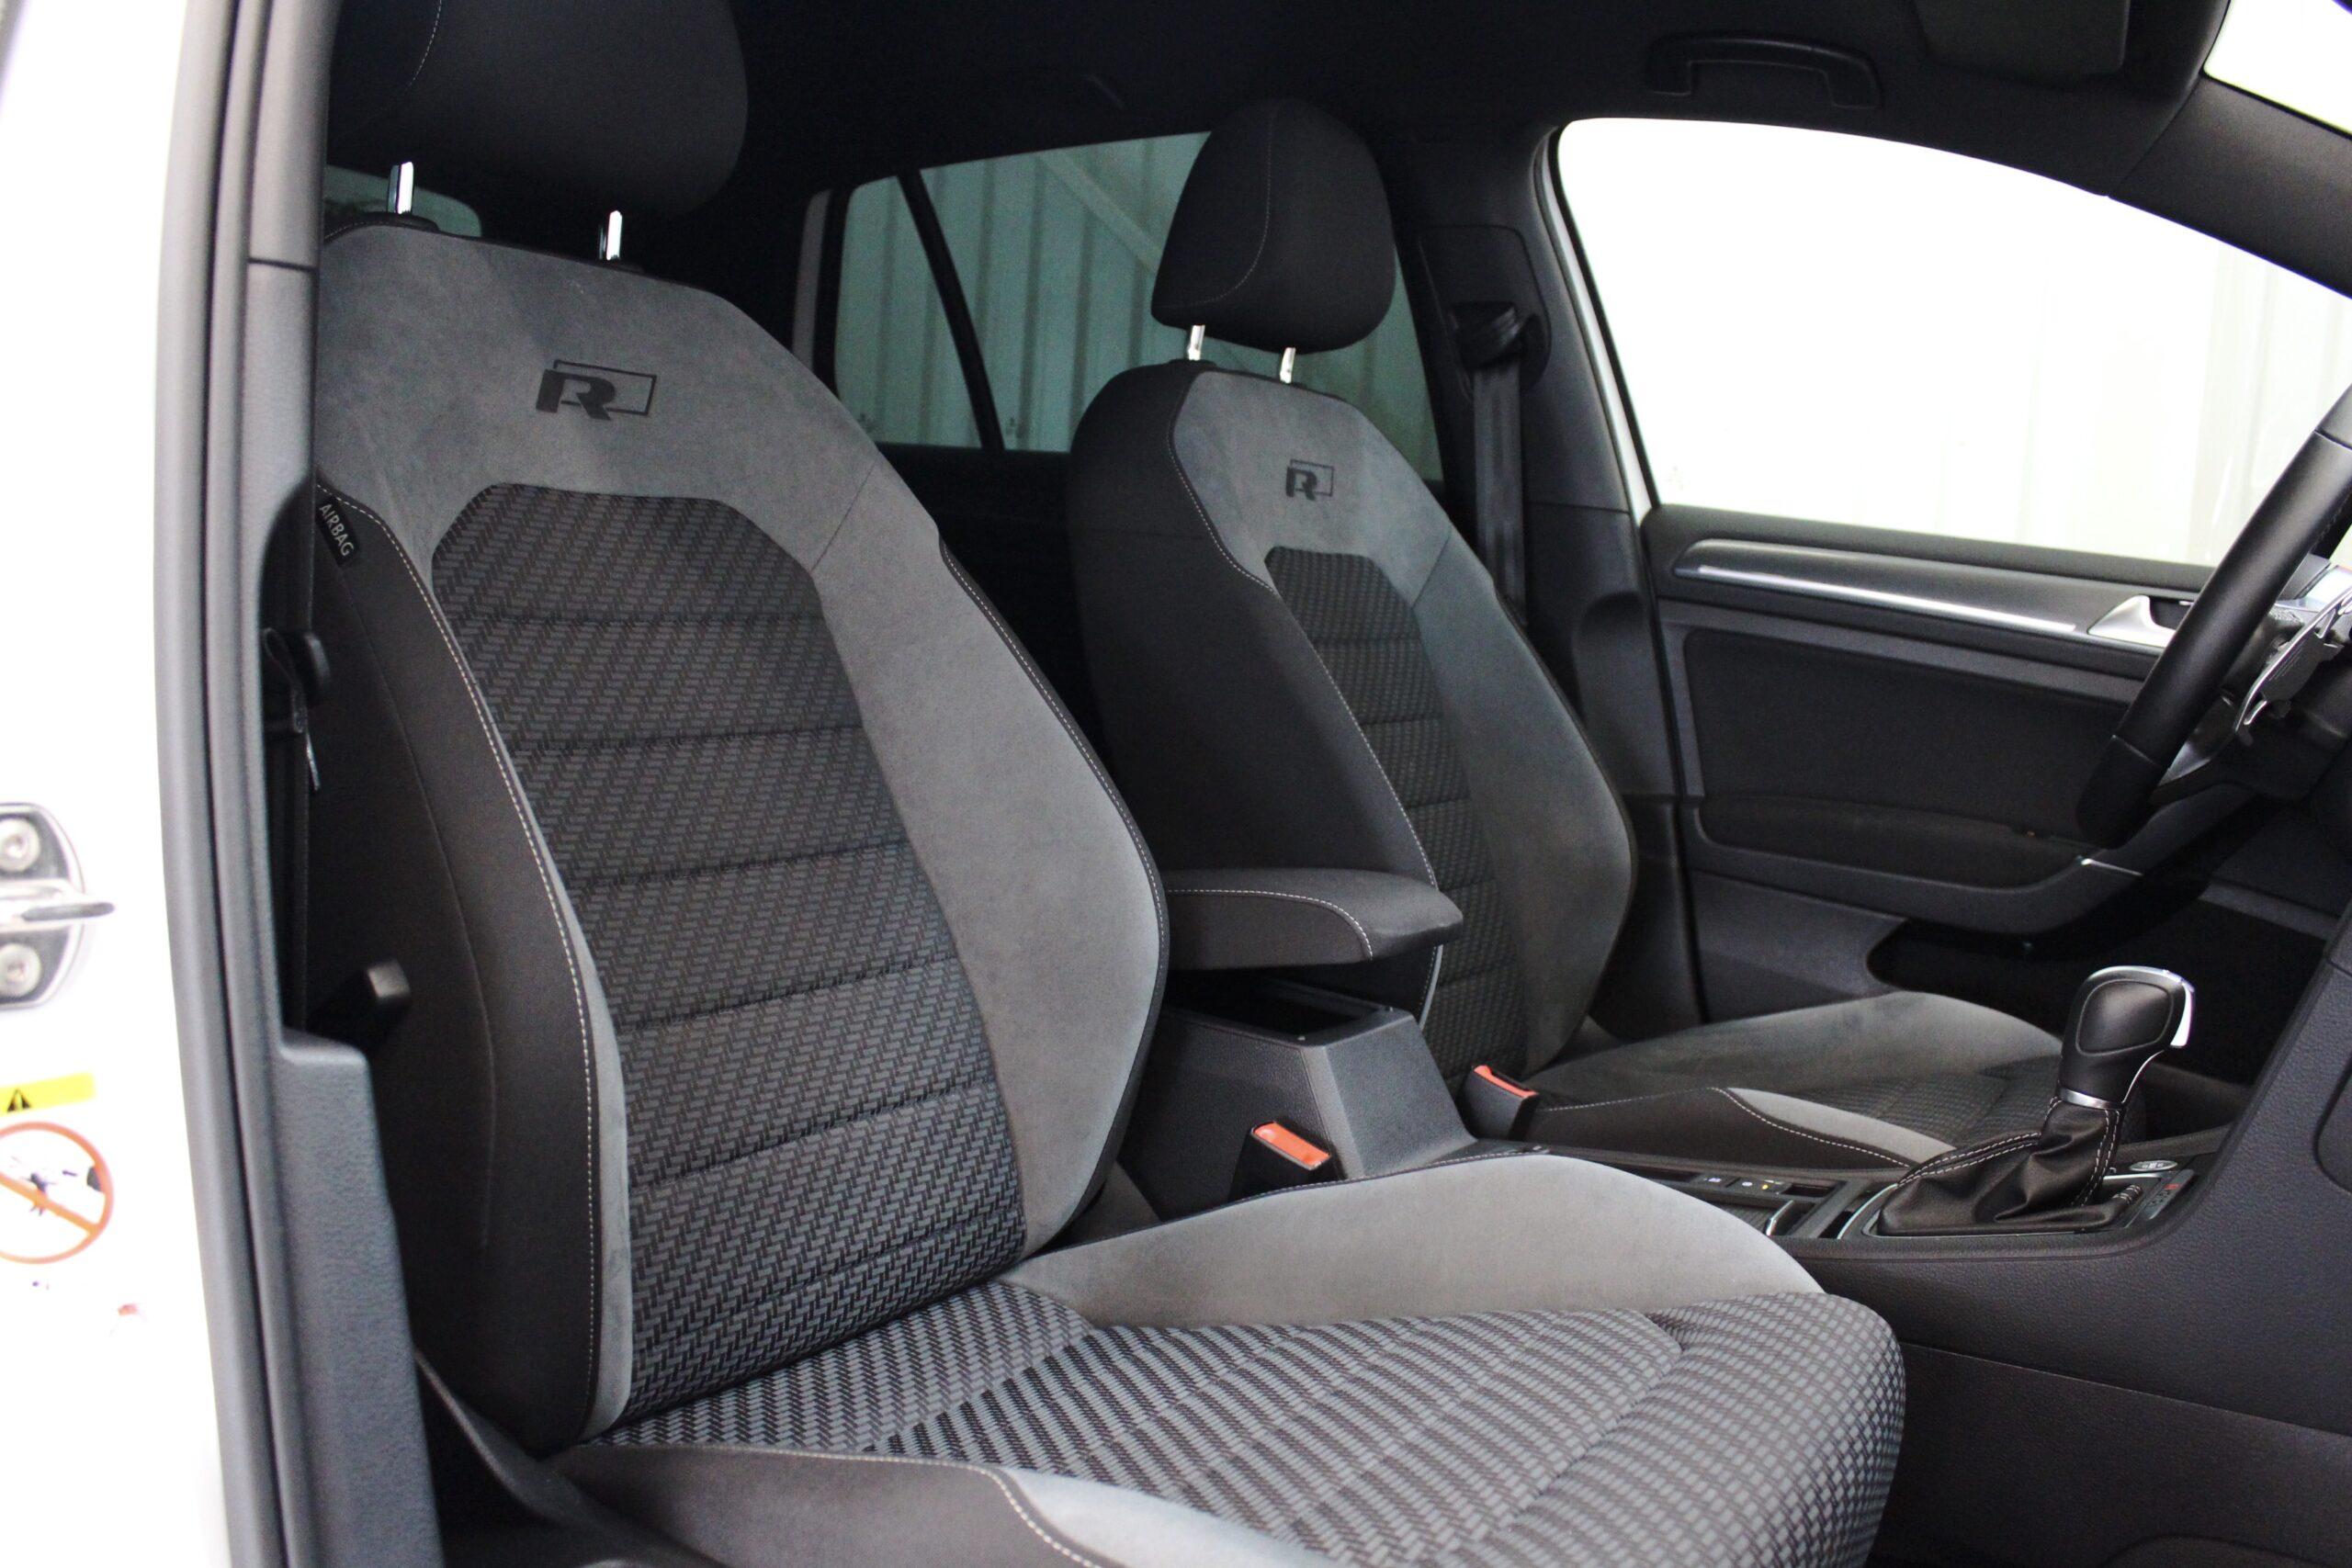 Volkswagen Golf 2.0 TDI 4Motion DSG Sekventiell Sport, R-li